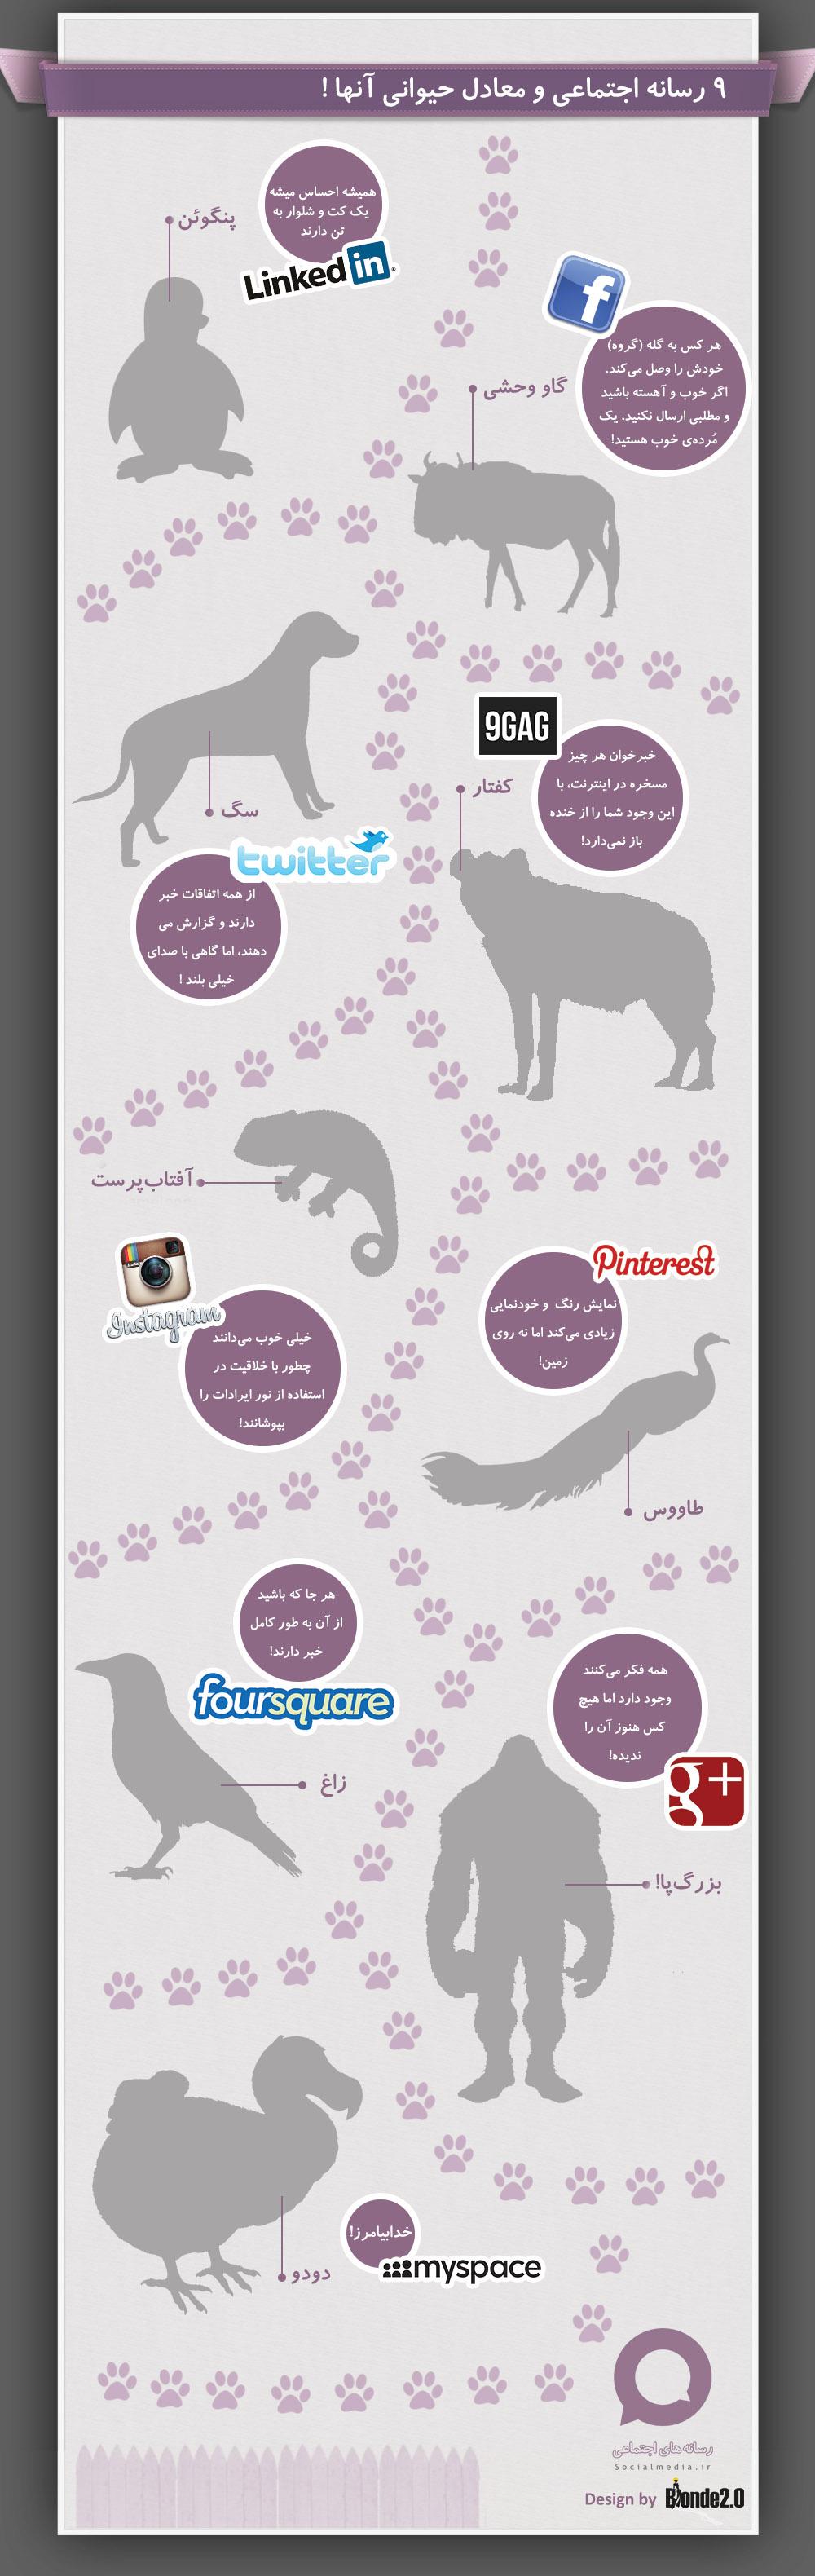 رسانه های اجتماعی و معادل حیوانی آنها